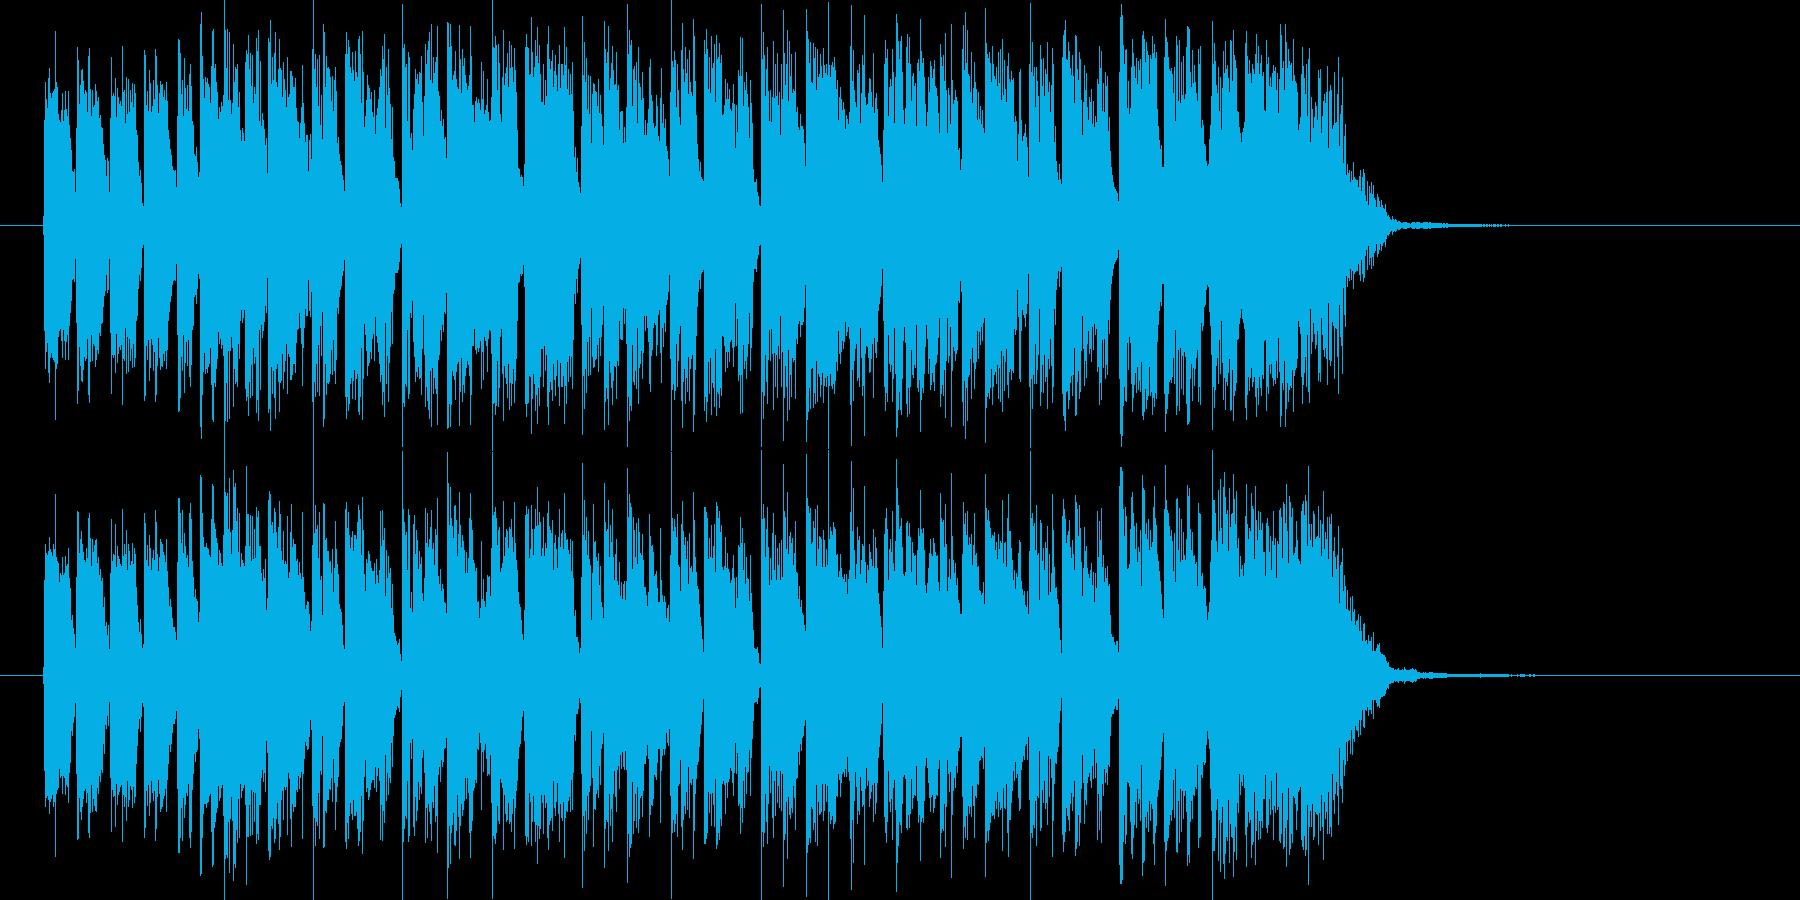 ディスコ調のテクノポップスのジングルの再生済みの波形